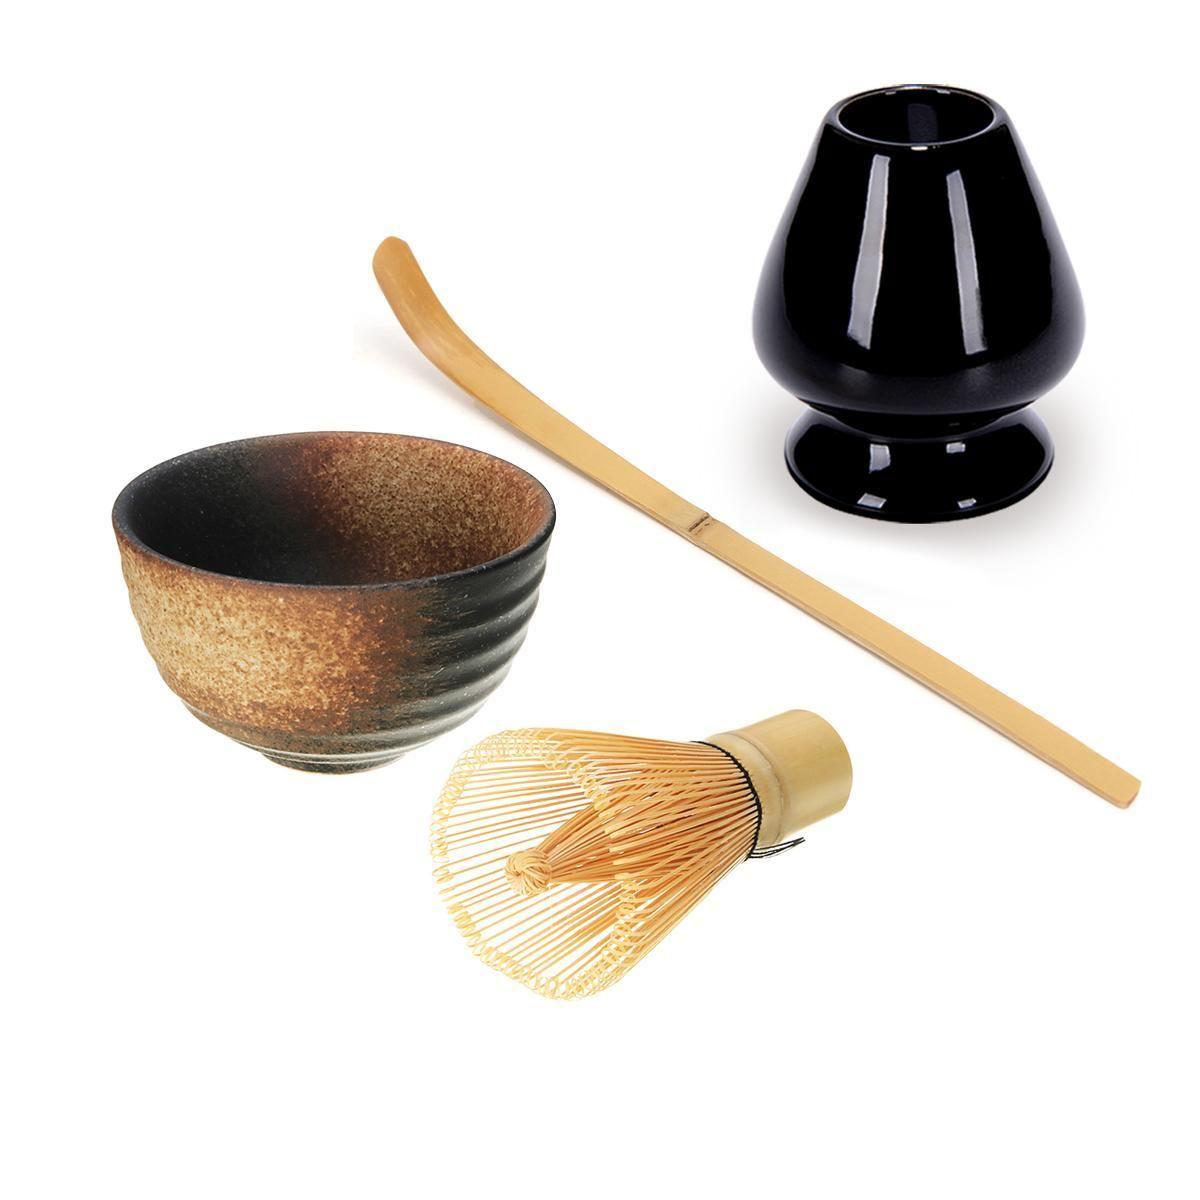 Style A Matcha C/ér/émonie traditionnelle Ensemble Giftset bambou Fouet Matcha Scoop Ceremic Matcha Bowl Holder Sets de th/é japonais